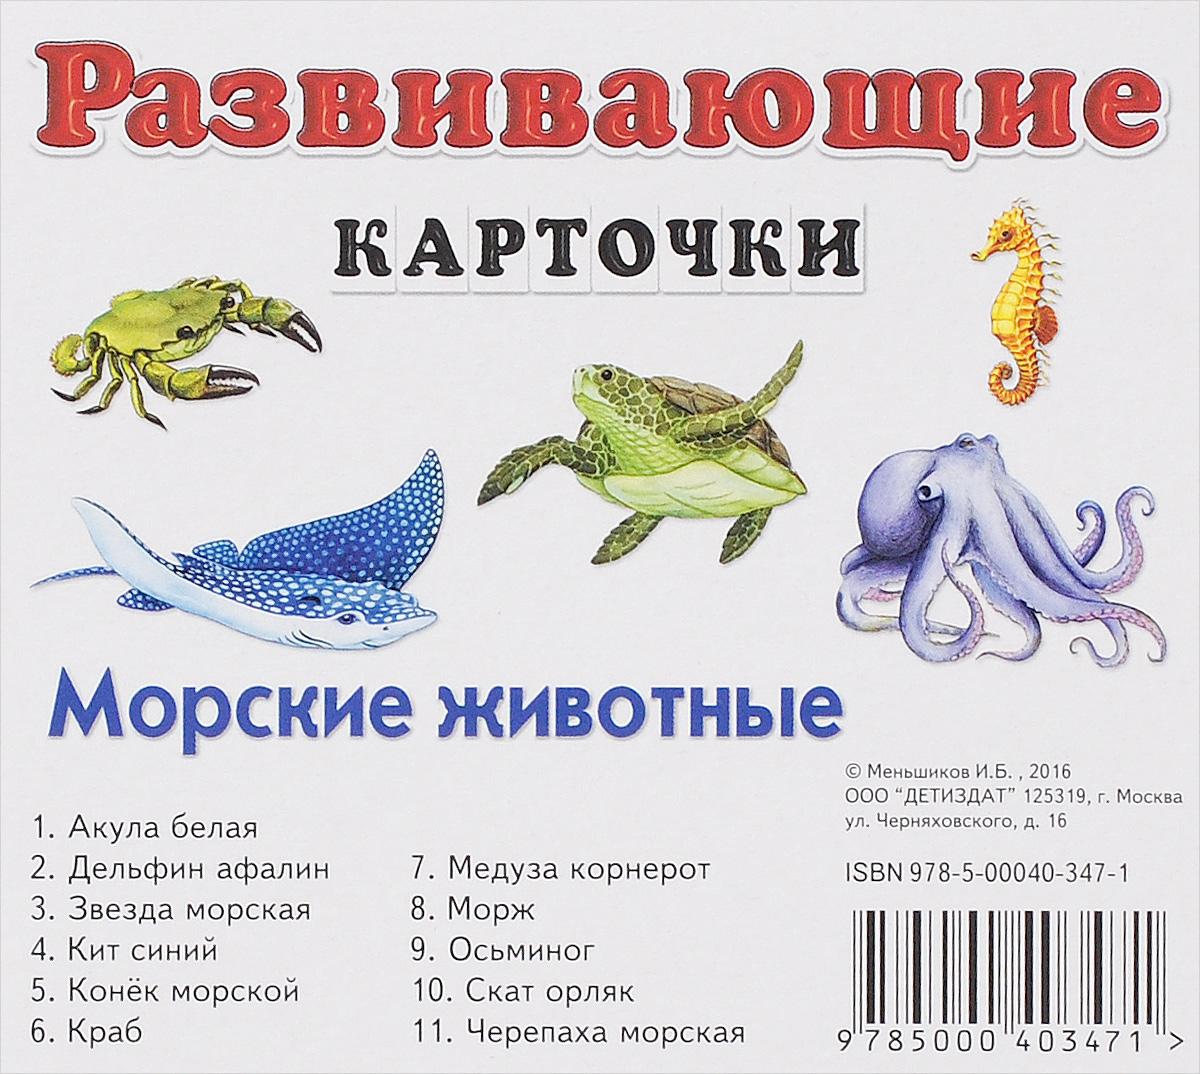 Морские животные. Развивающие карточки (набор из 11 карточек) ( 978-5-00040-347-1 )